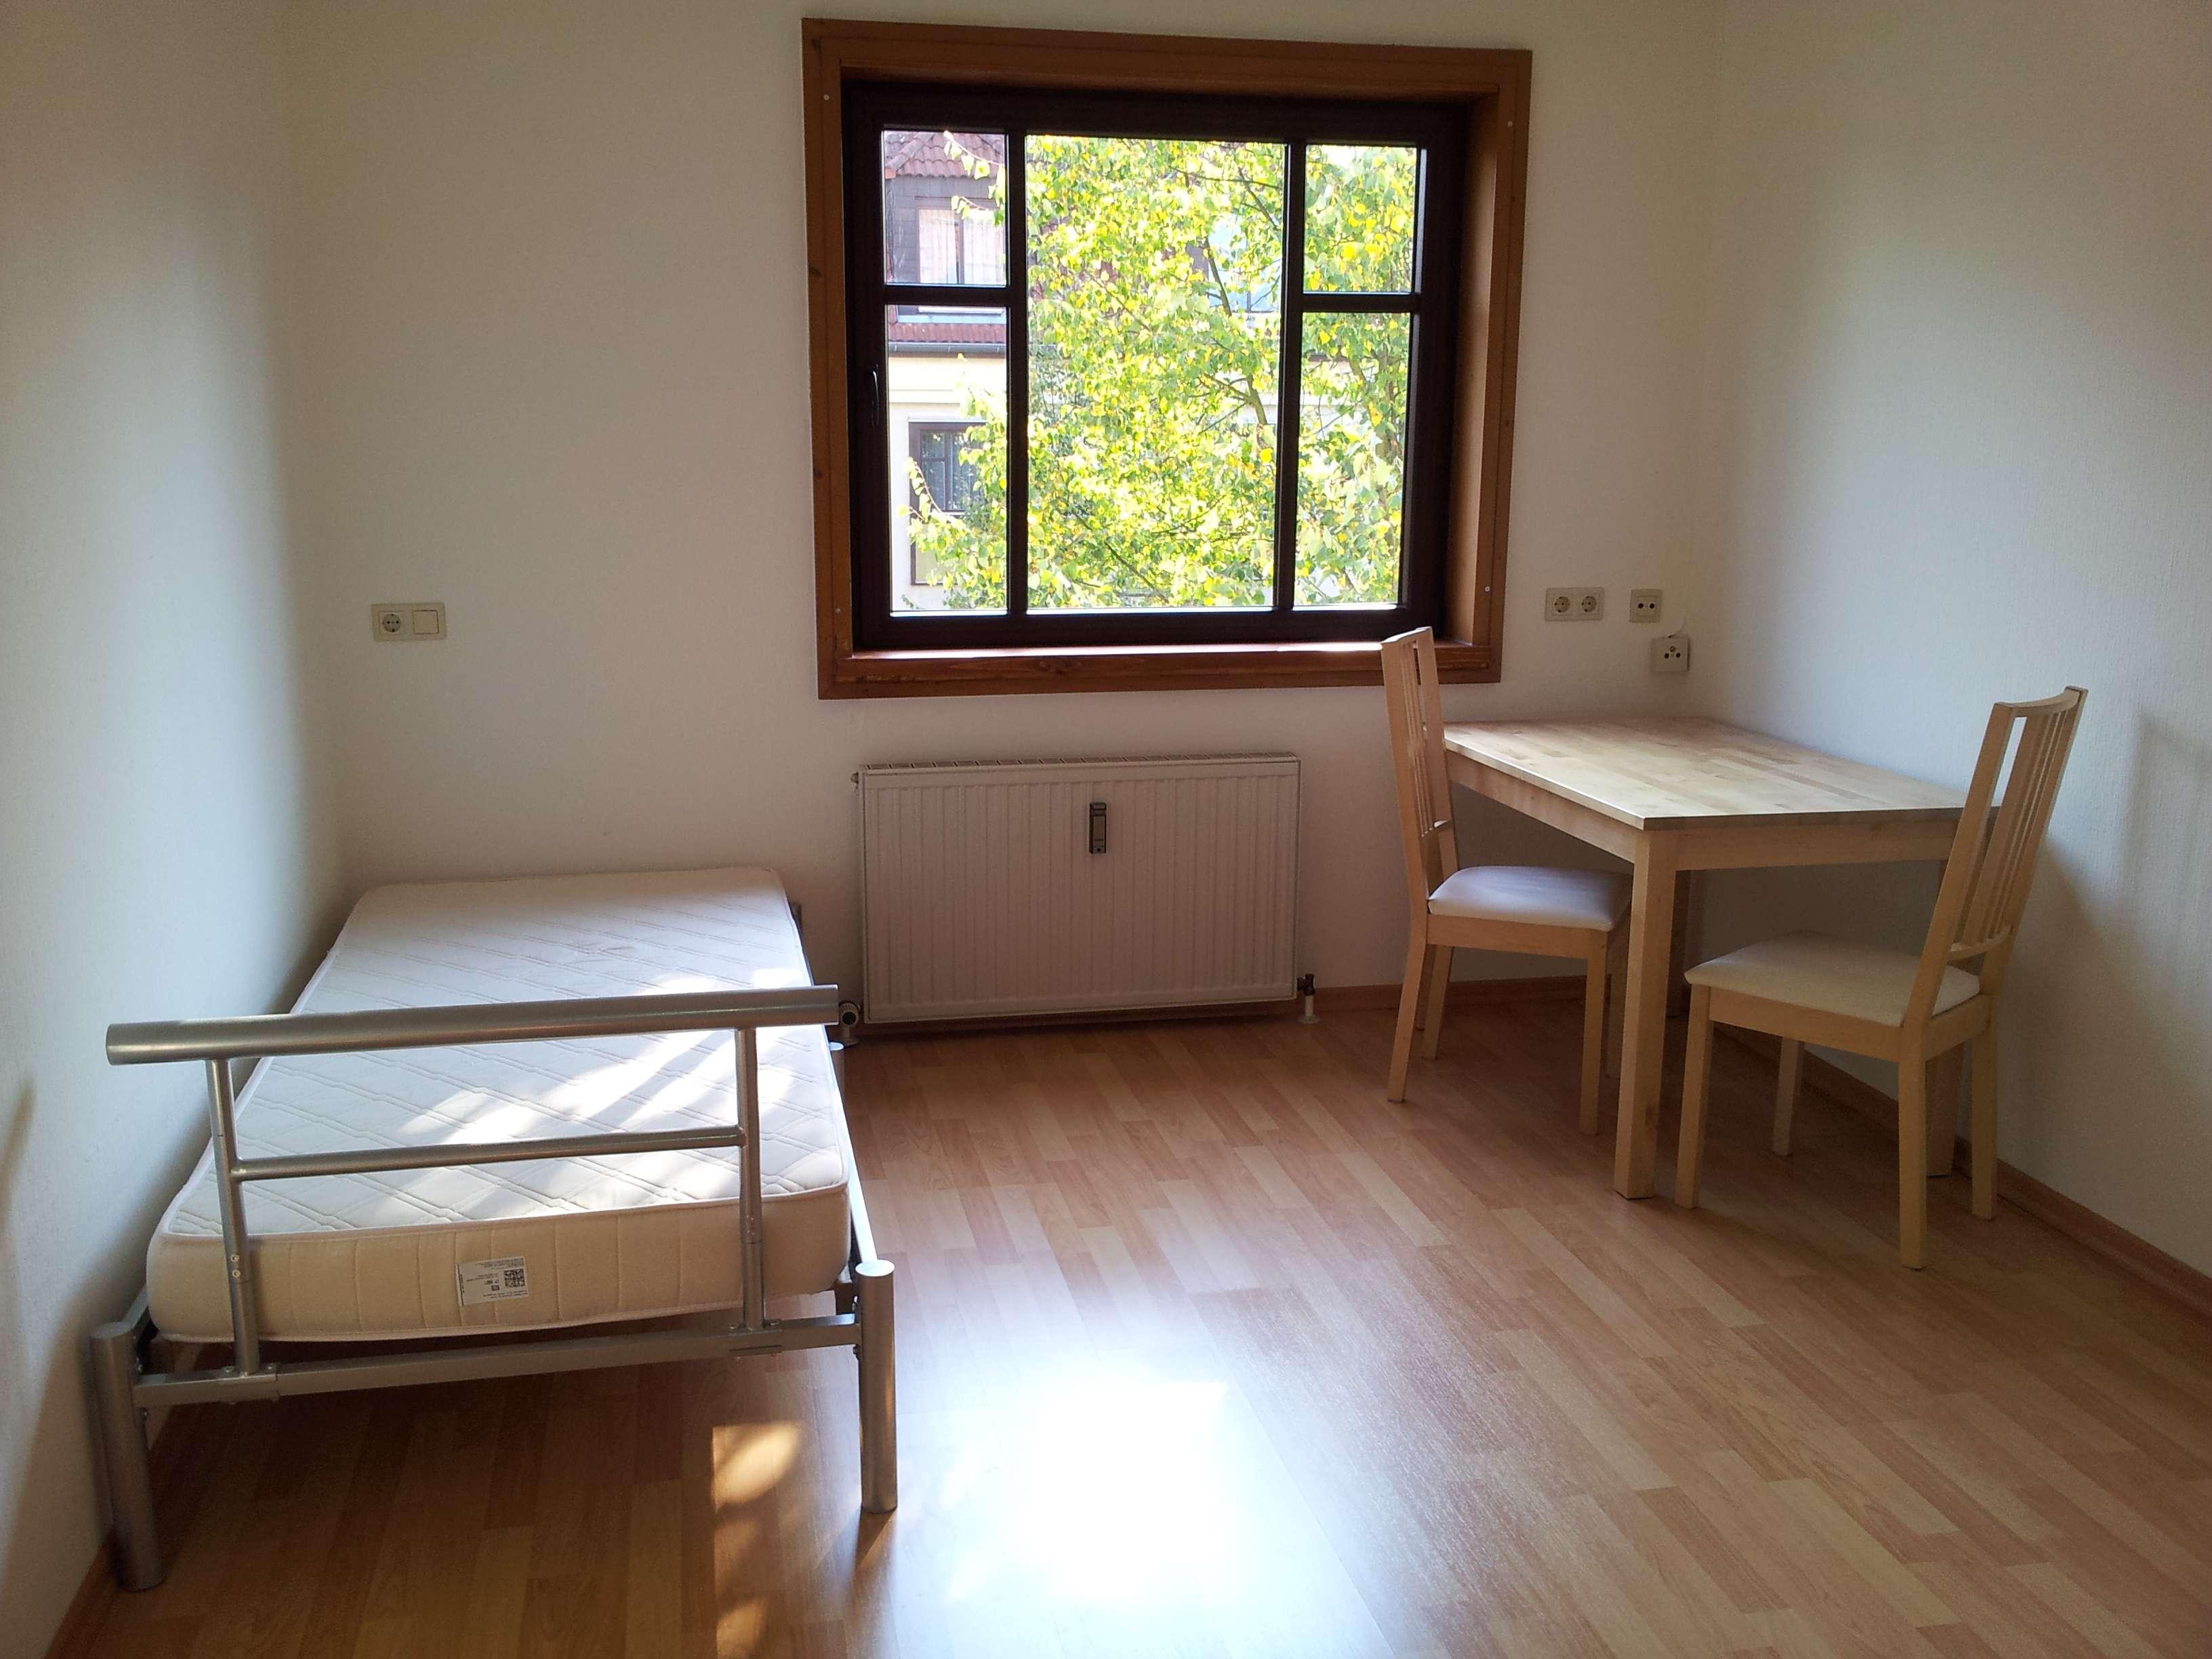 Möblierte 1-Zi.-Wohnung mit Einbauküche in Bayreuth zwischen Bahnhof und Zentrum, Wfl. ca. 19 m² in Gartenstadt/Wendelhöfen (Bayreuth)